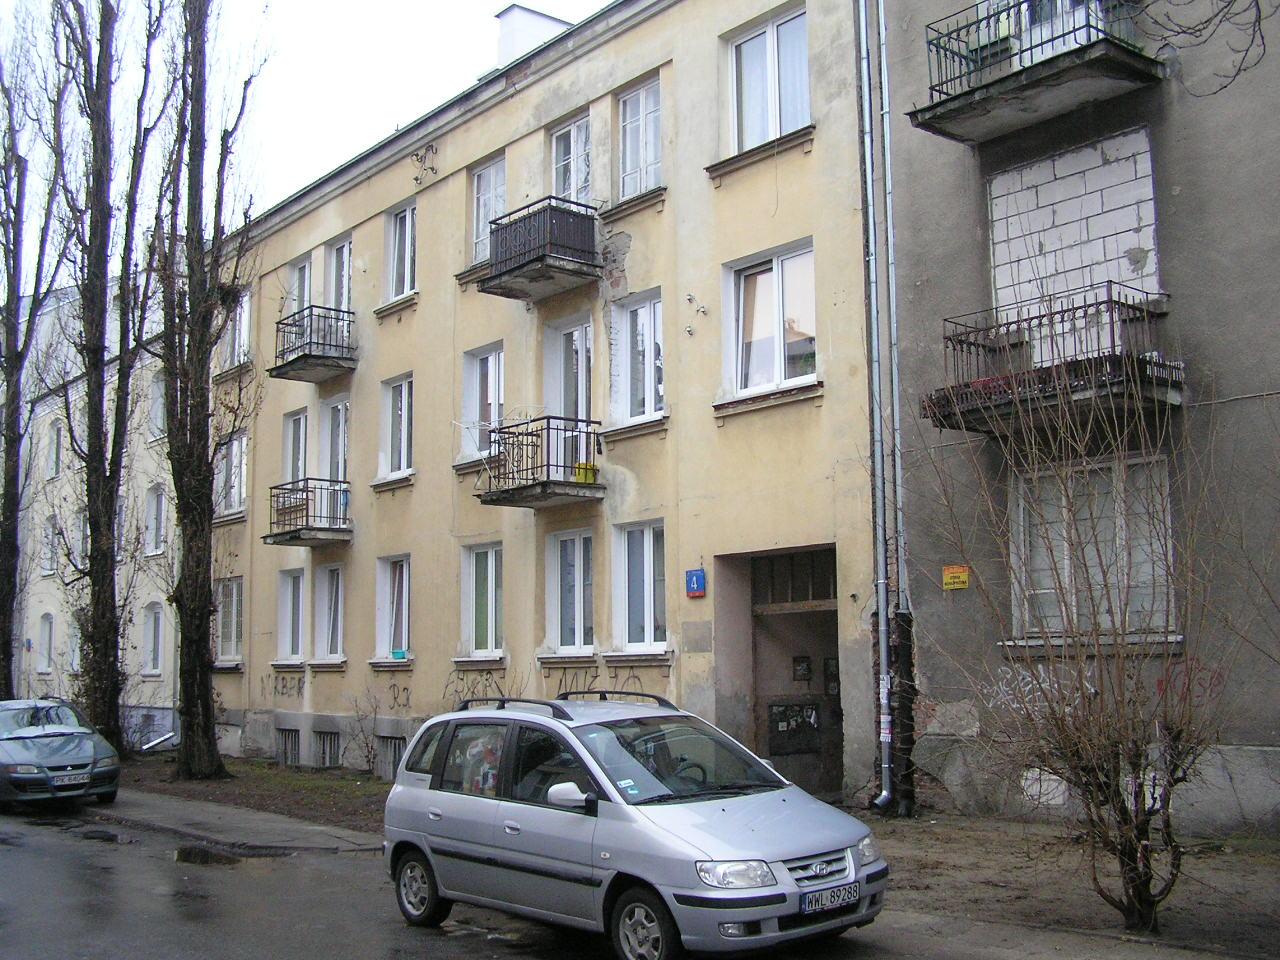 Kamienica przy ulicy Dobrowoja 4 na Grochowie